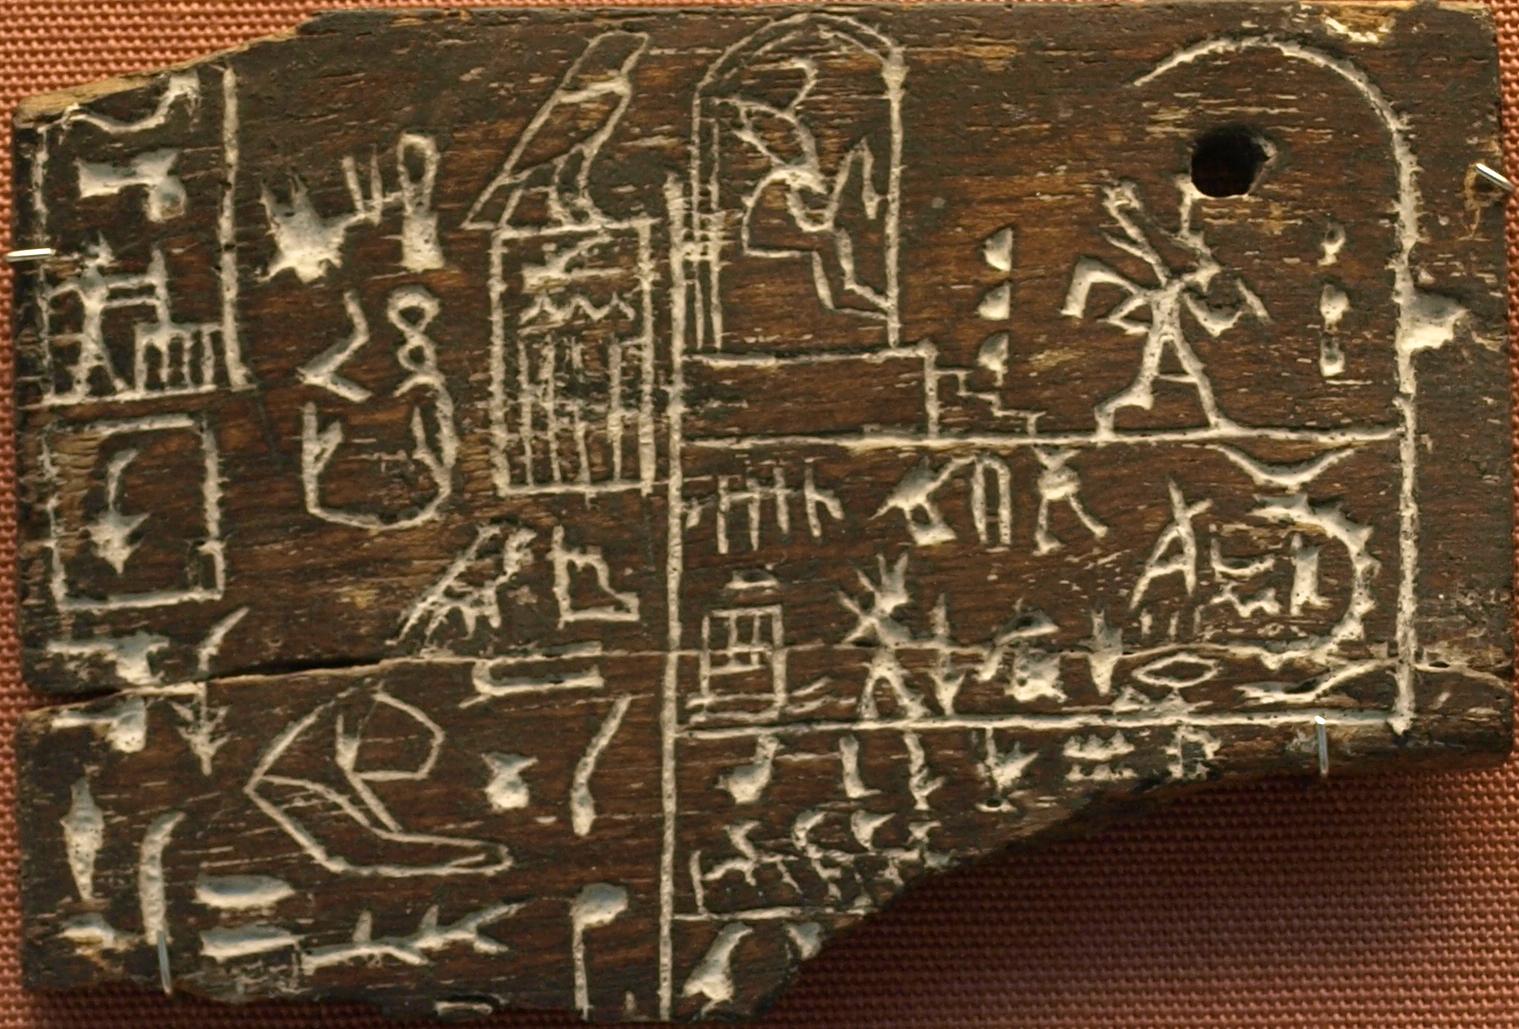 El Papa es el Faraón!  EbonyLabelOfDen-BritishMuseum-August19-08